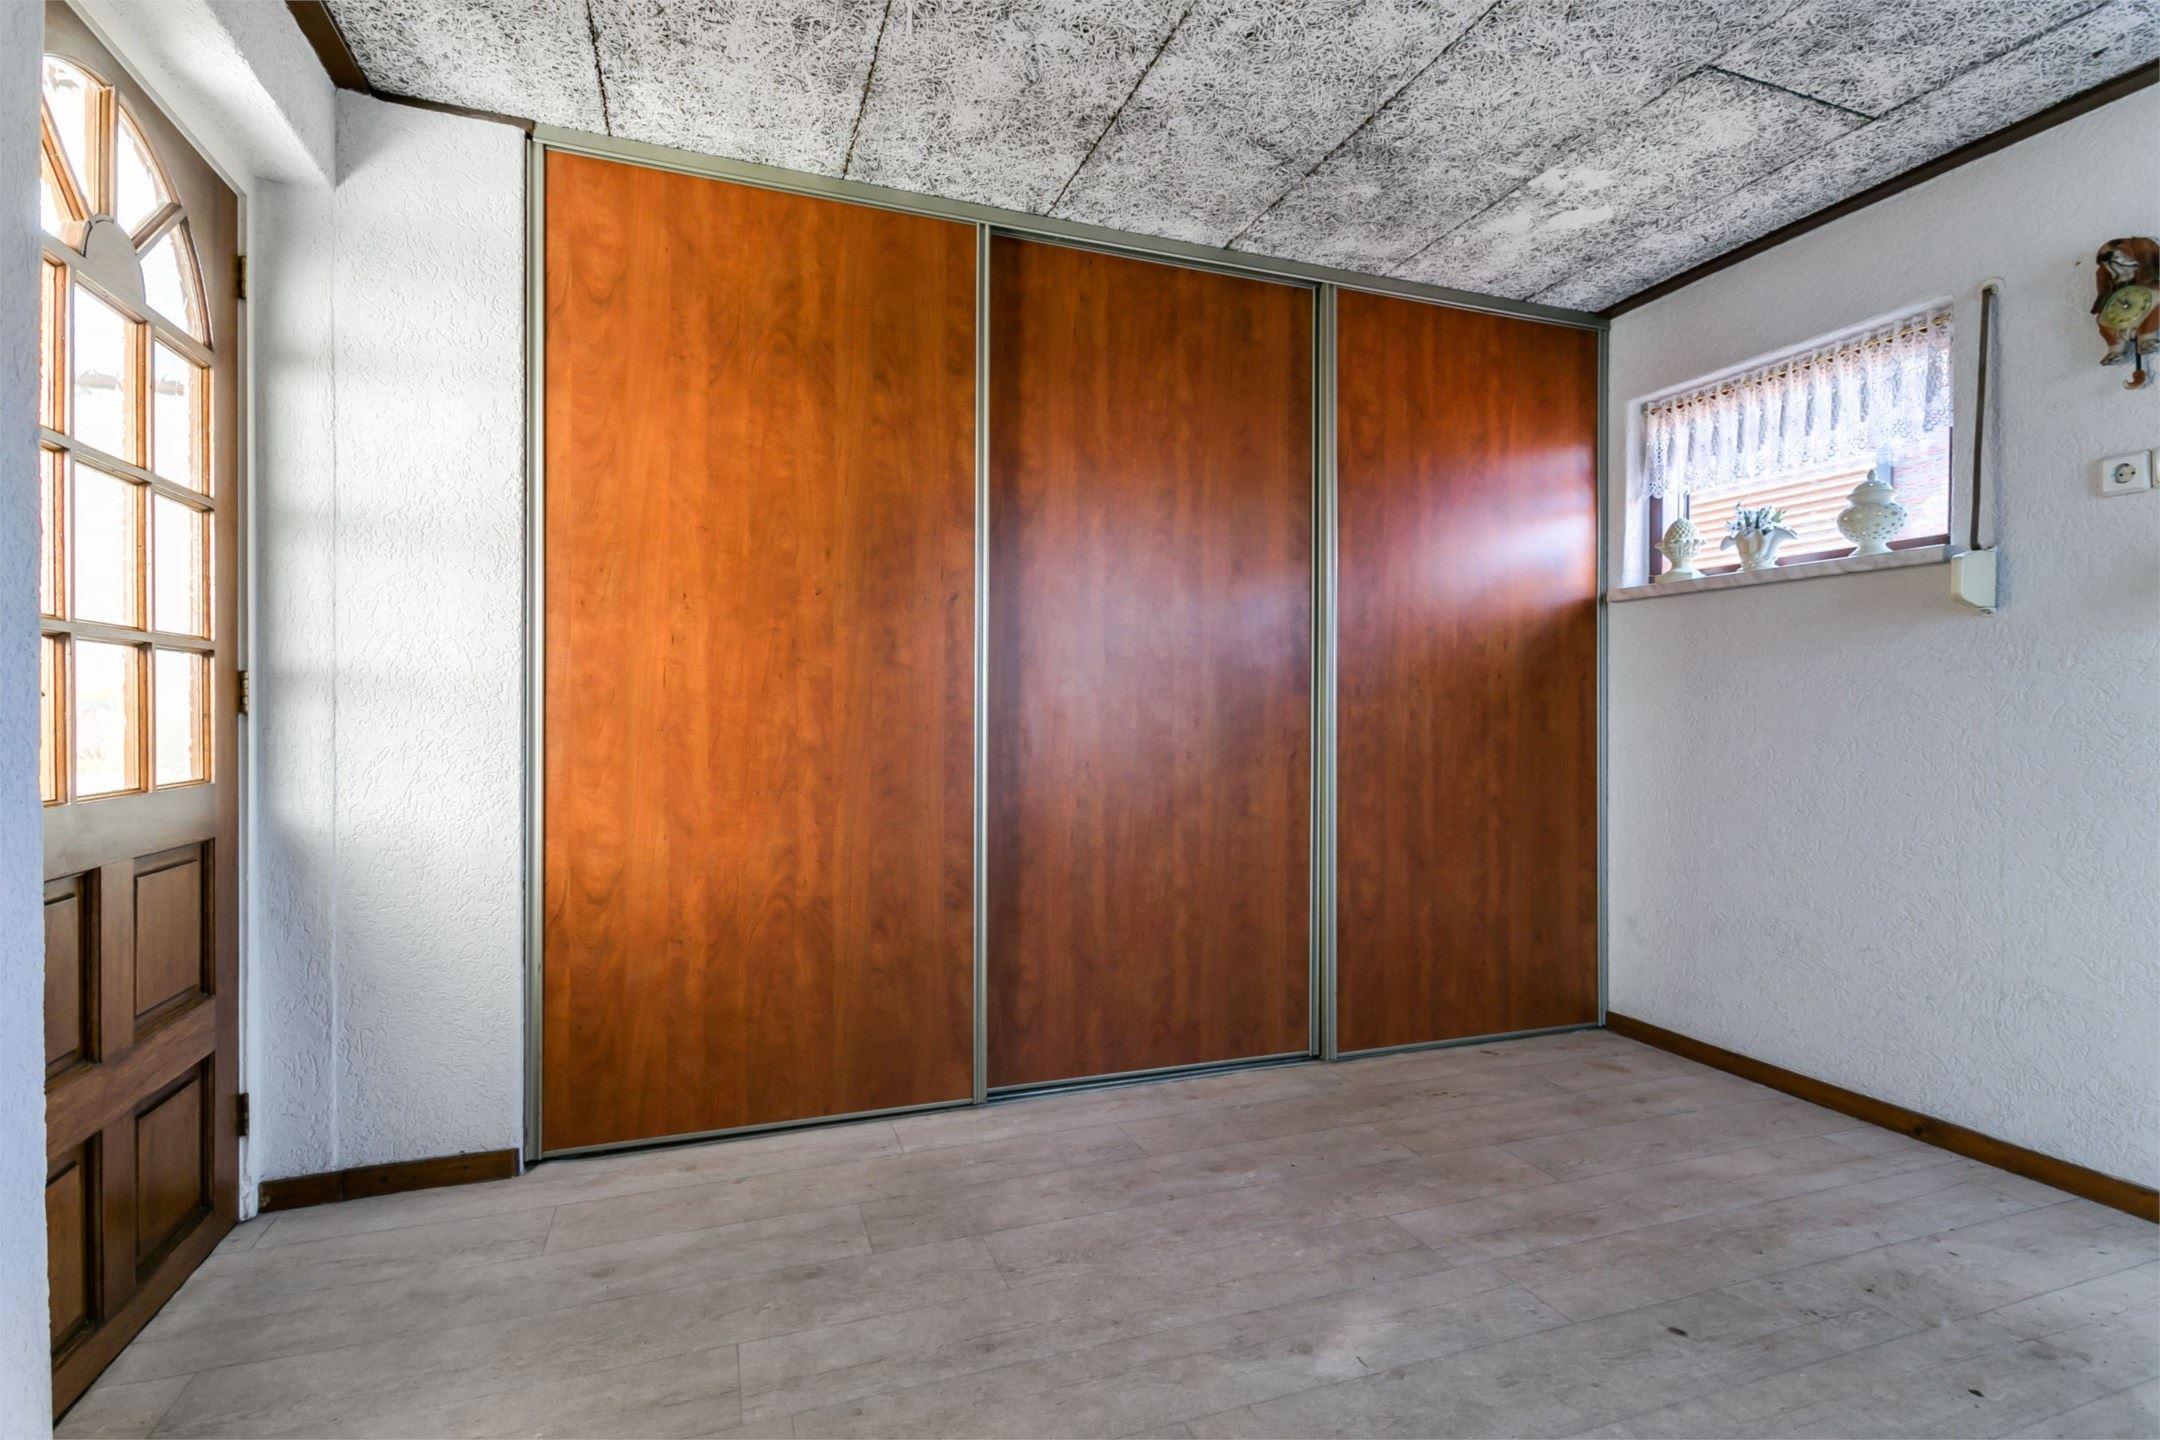 Huis te koop: oranje nassaustraat 3 4715 ax rucphen [funda]